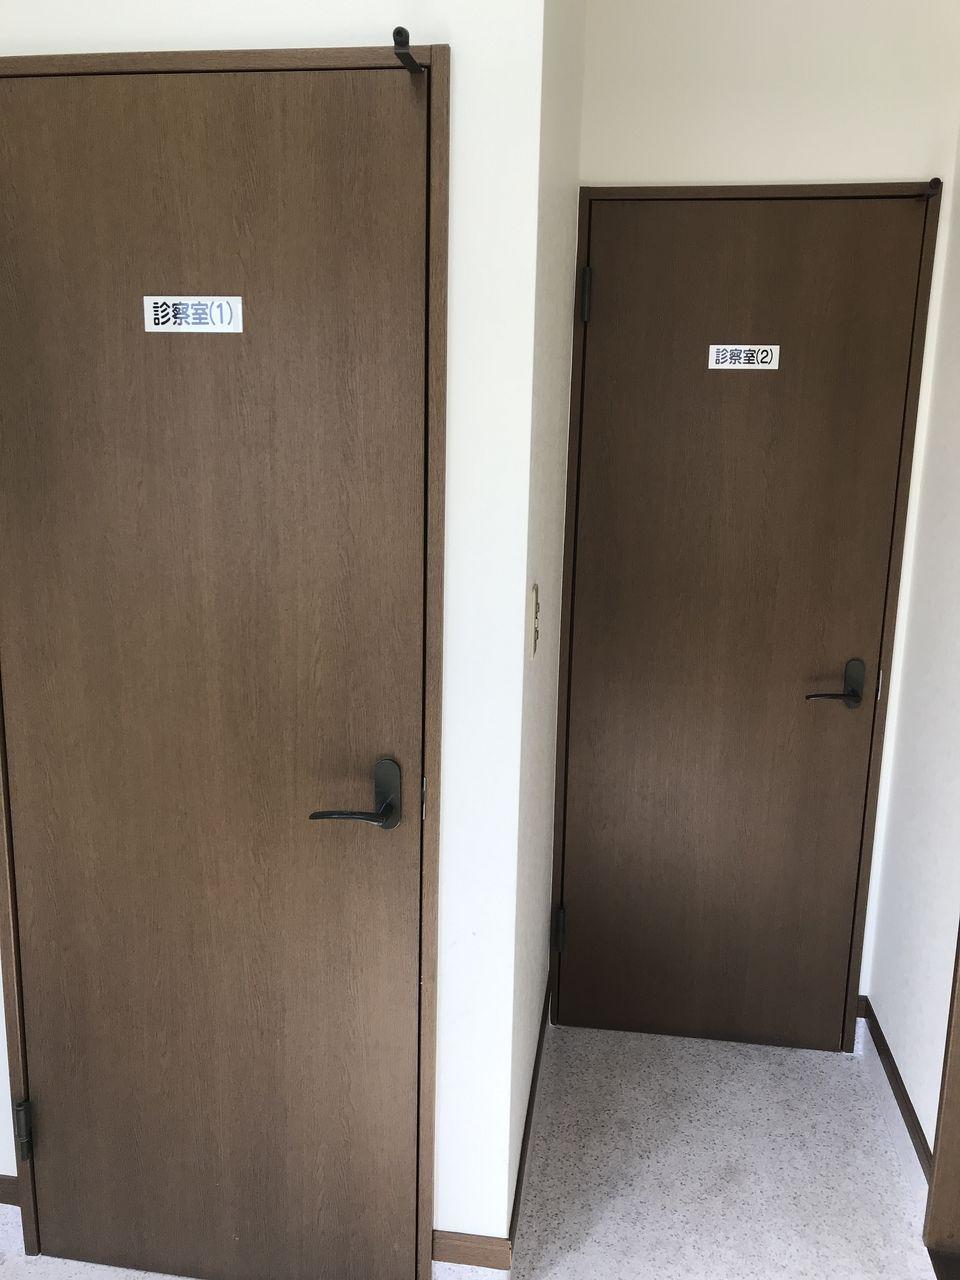 行徳のトシ動物病院の診察室入口